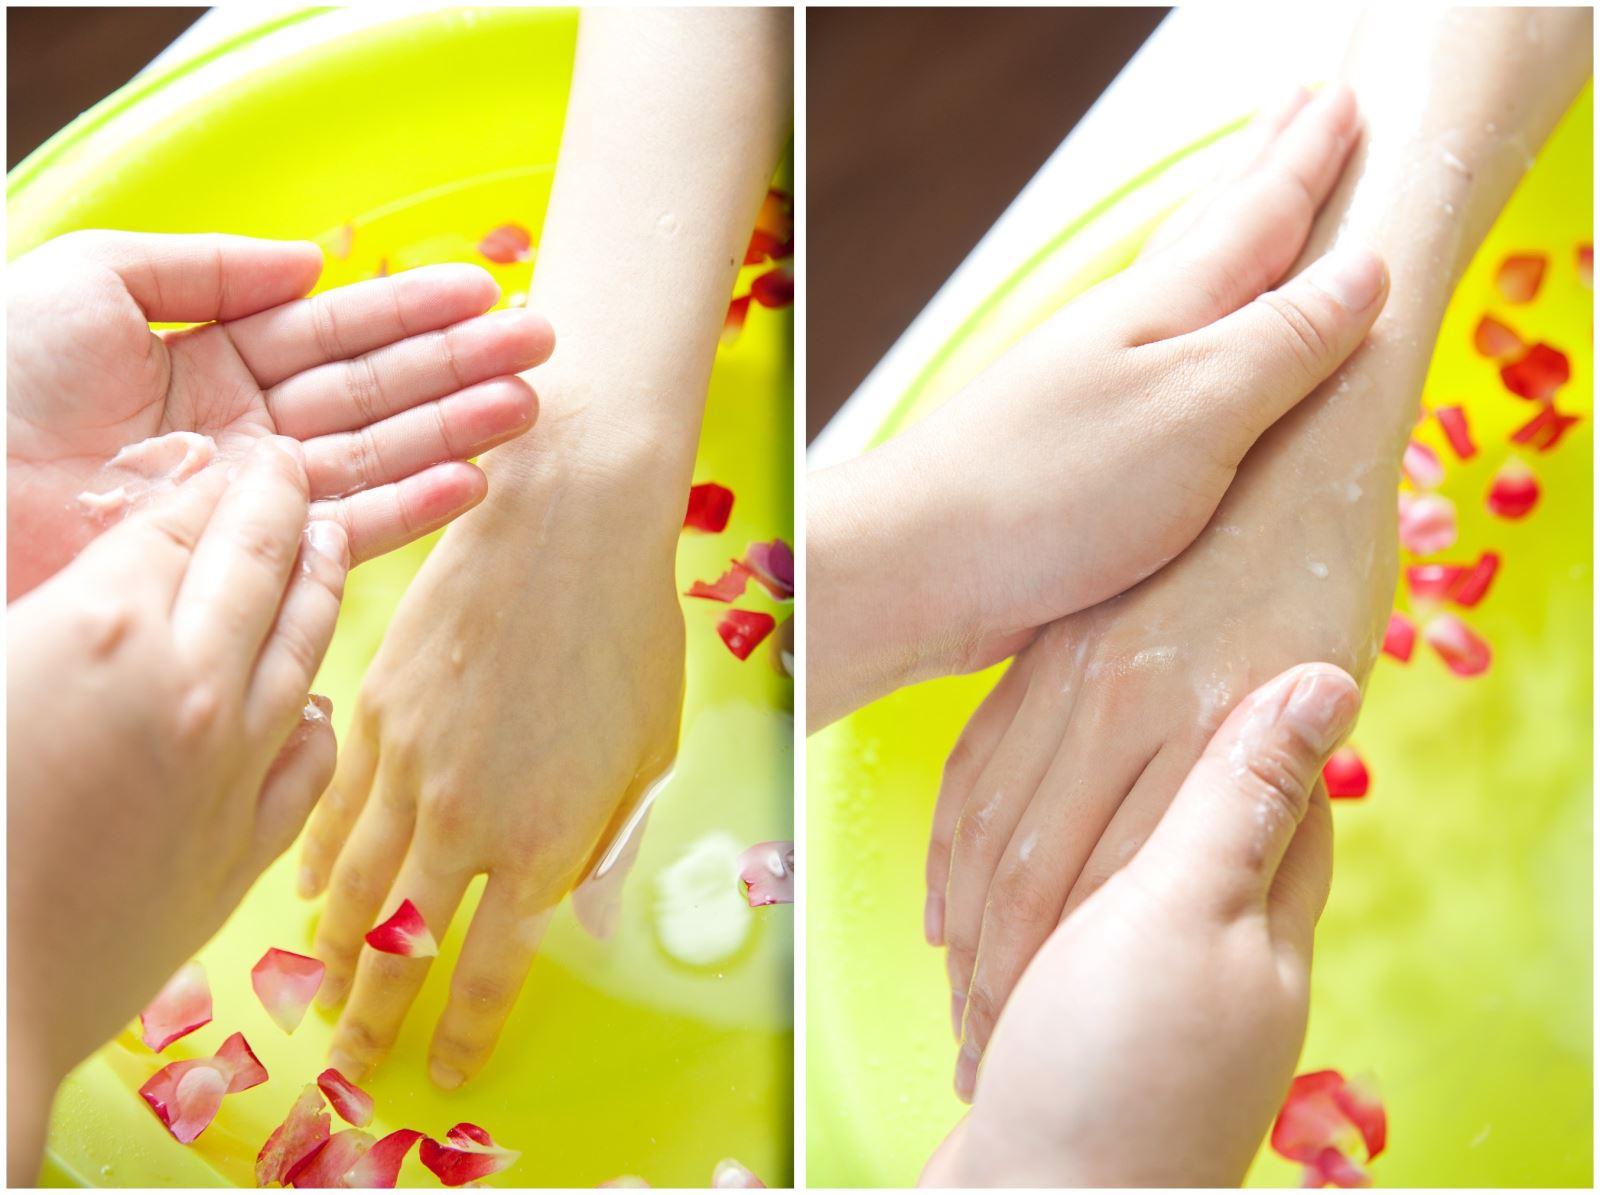 美甲步骤:手部消毒去除指甲油手部沐浴高效嫩白去角质至